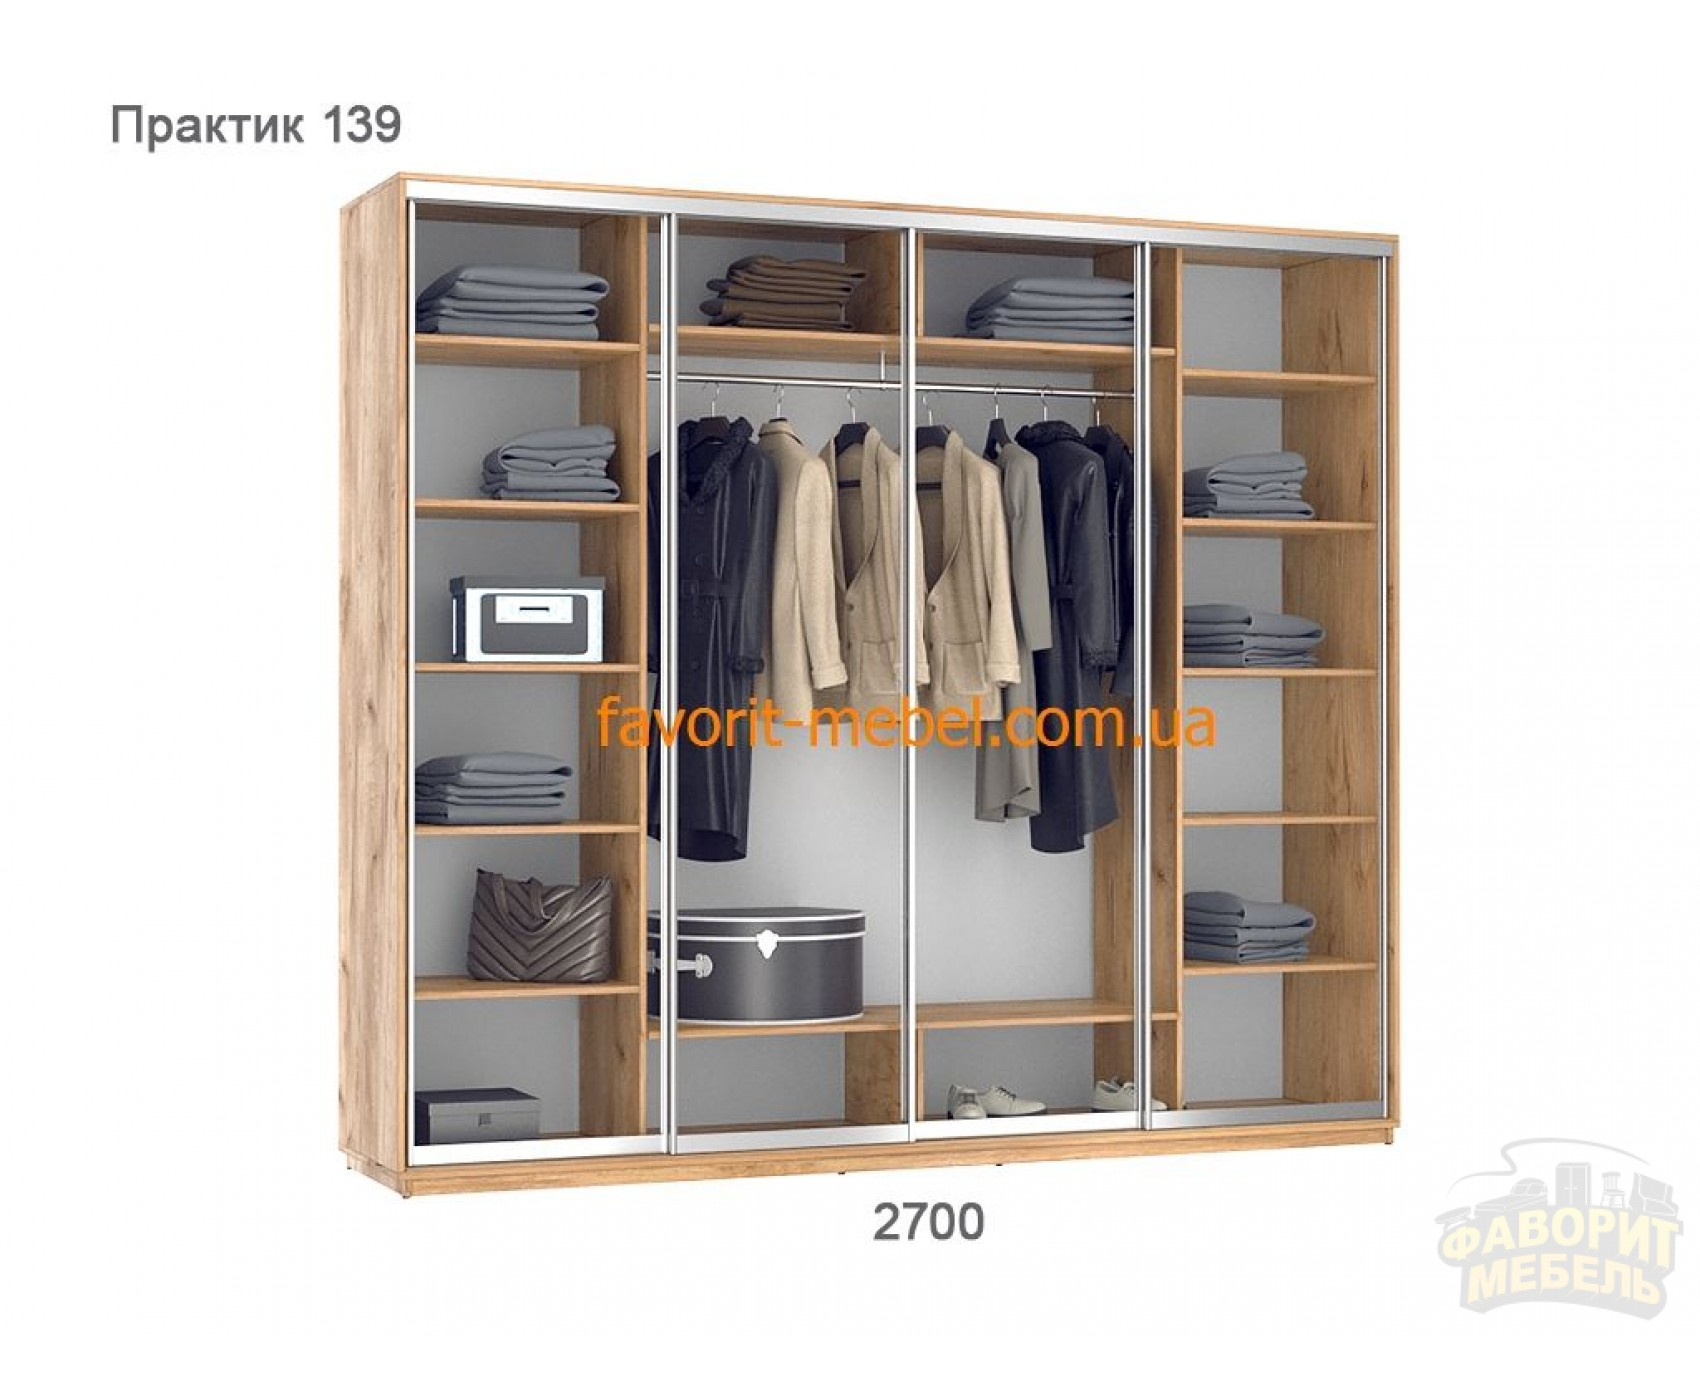 Шкаф купе Практик 139/4 (270х60х240 см)